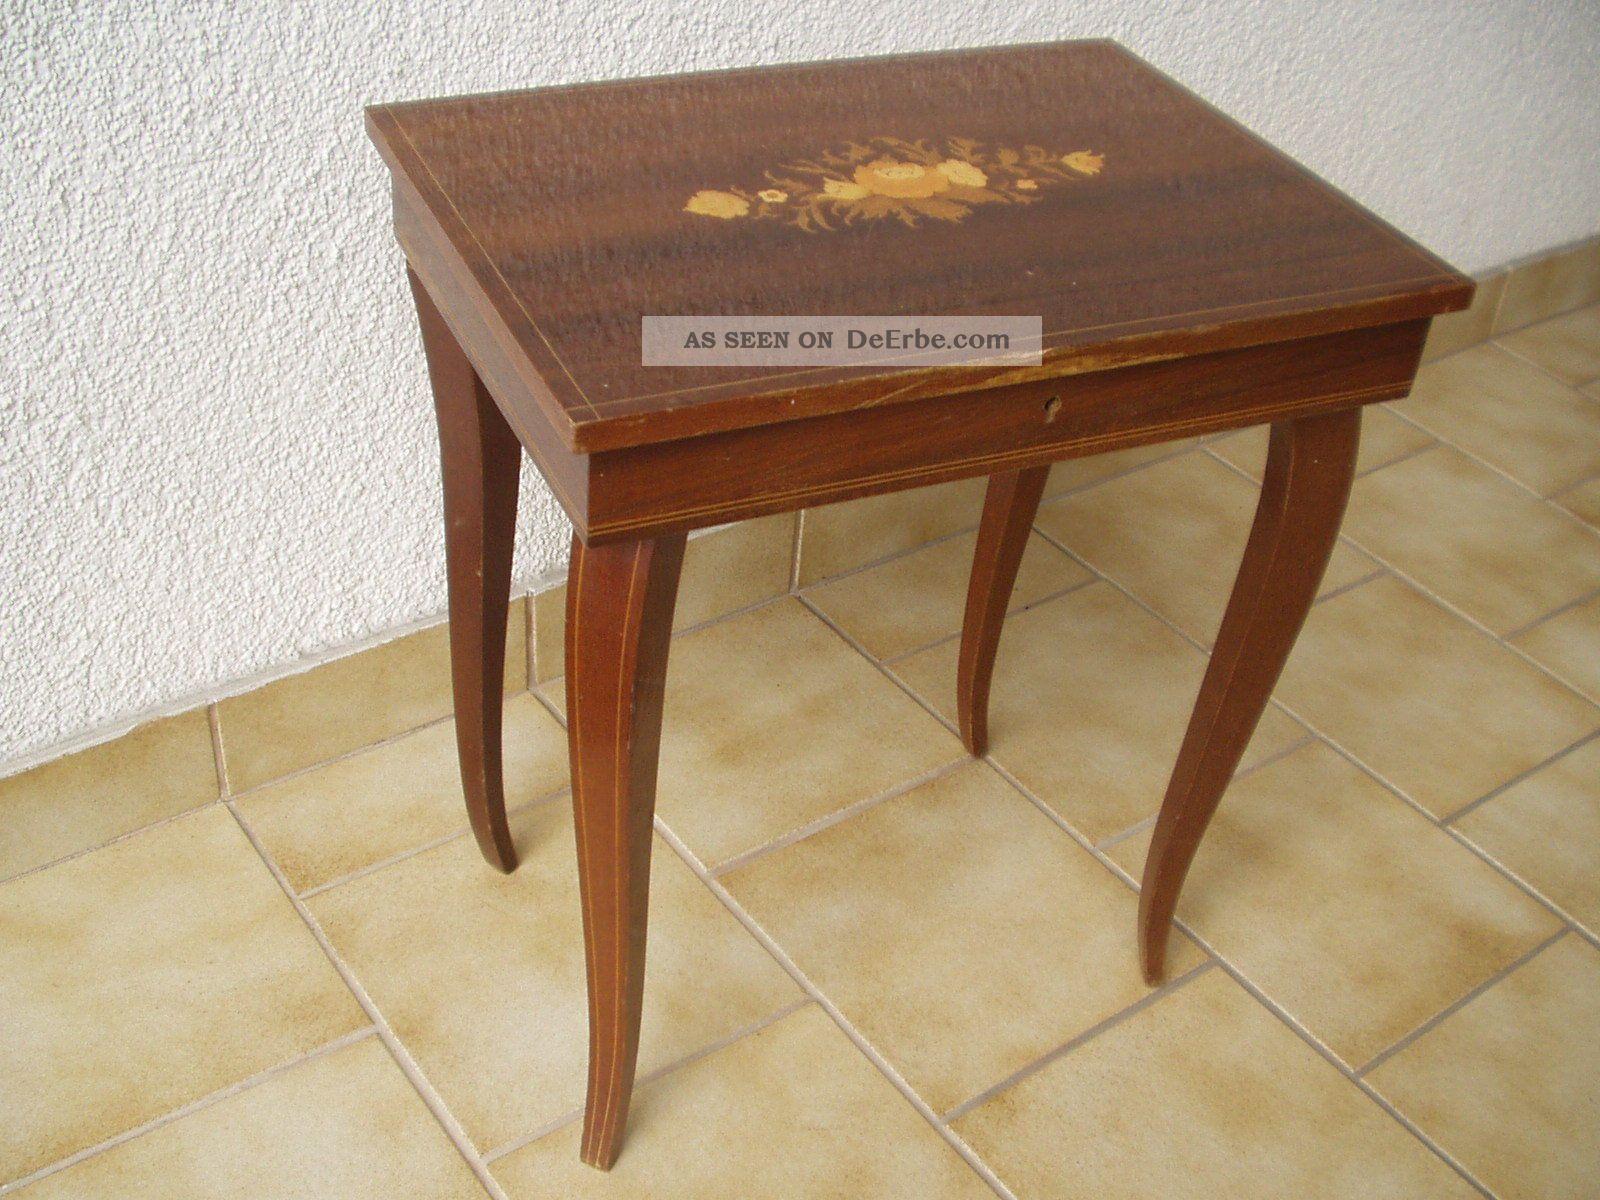 Spielwerk/melodie - Tischchen Aus Holz Mit Intarsien In Sehr Schönem Mechanische Musik Bild